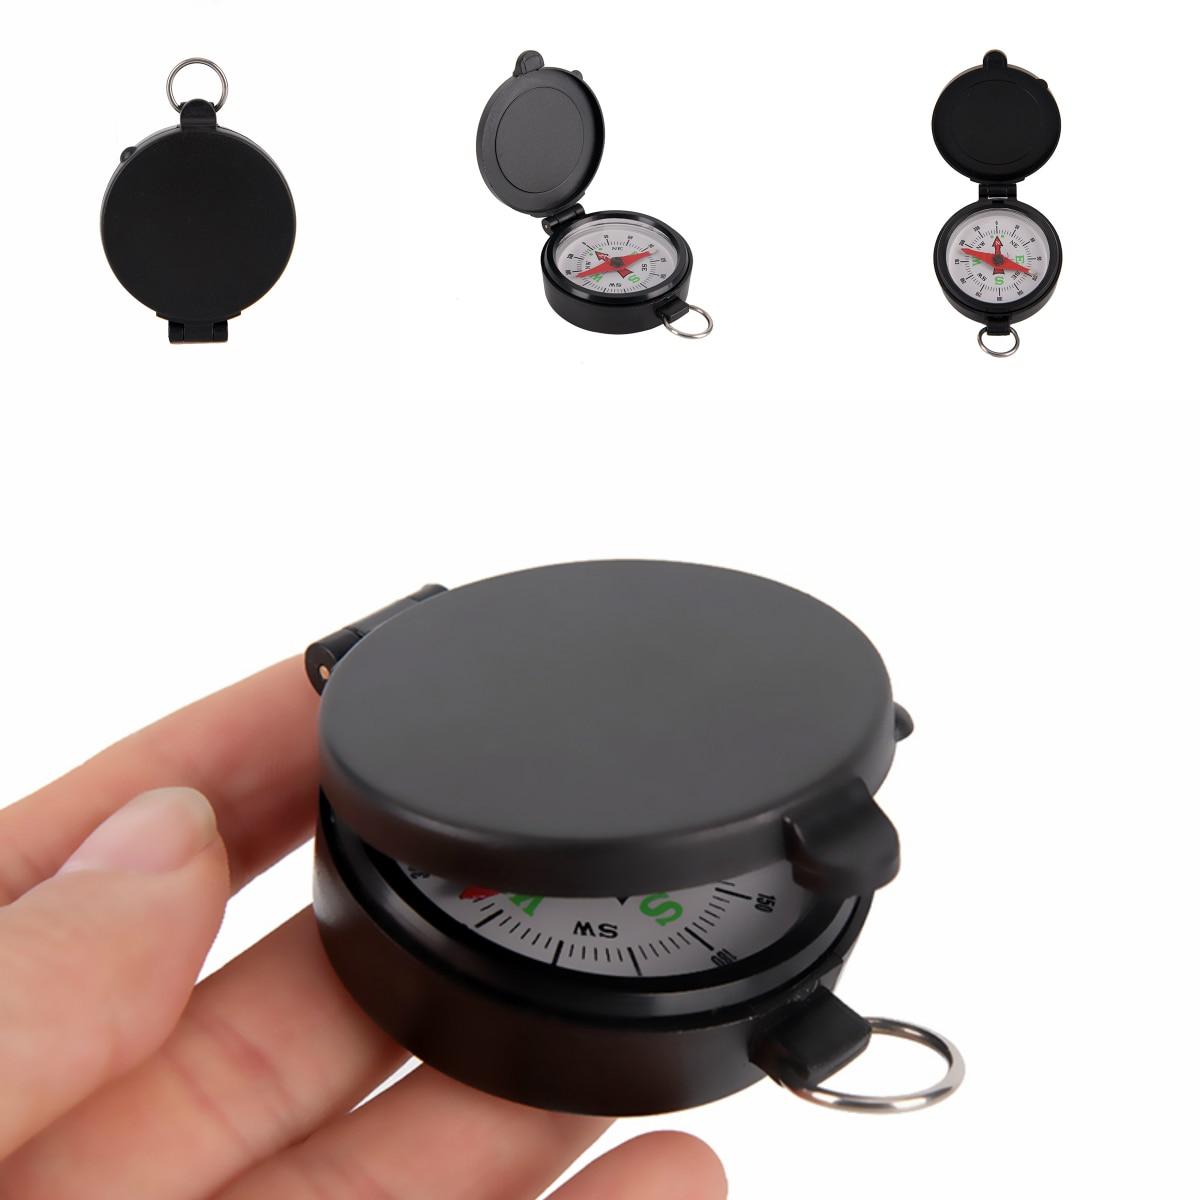 Мини Компас портативный складной объектив Военный компас черный для походов на открытом воздухе кемпинга охоты